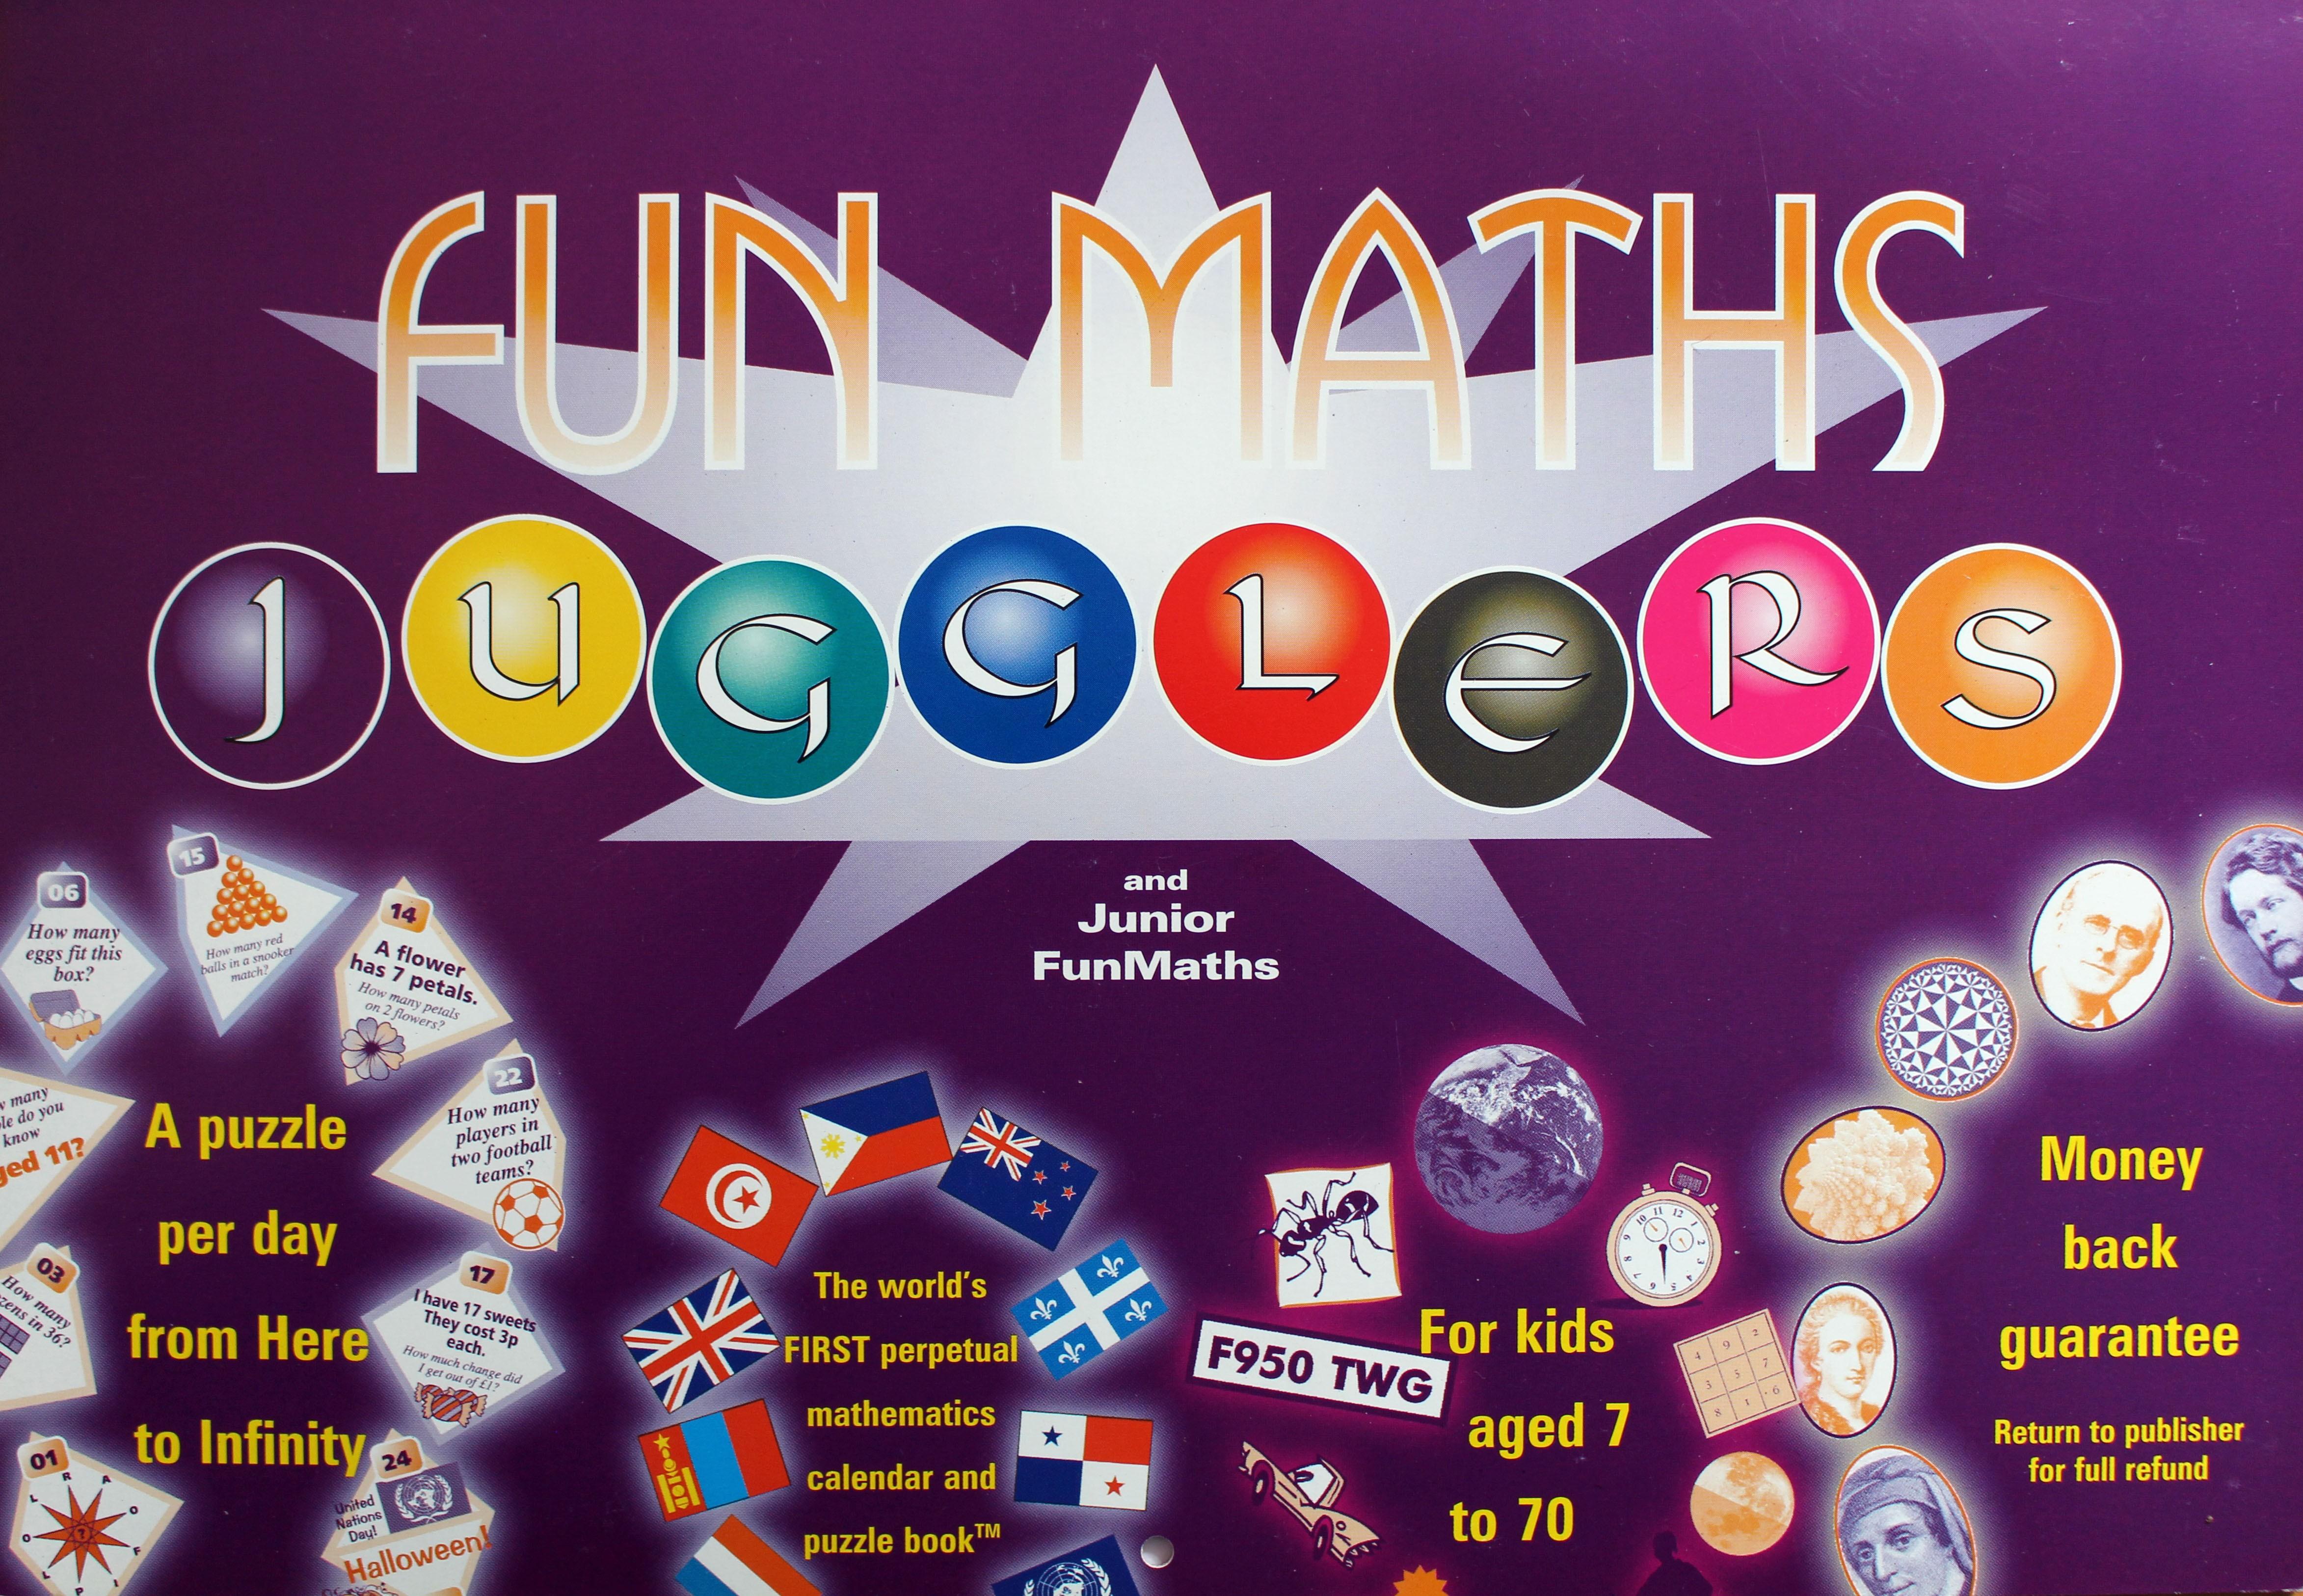 FunMaths Perpetual Calendar